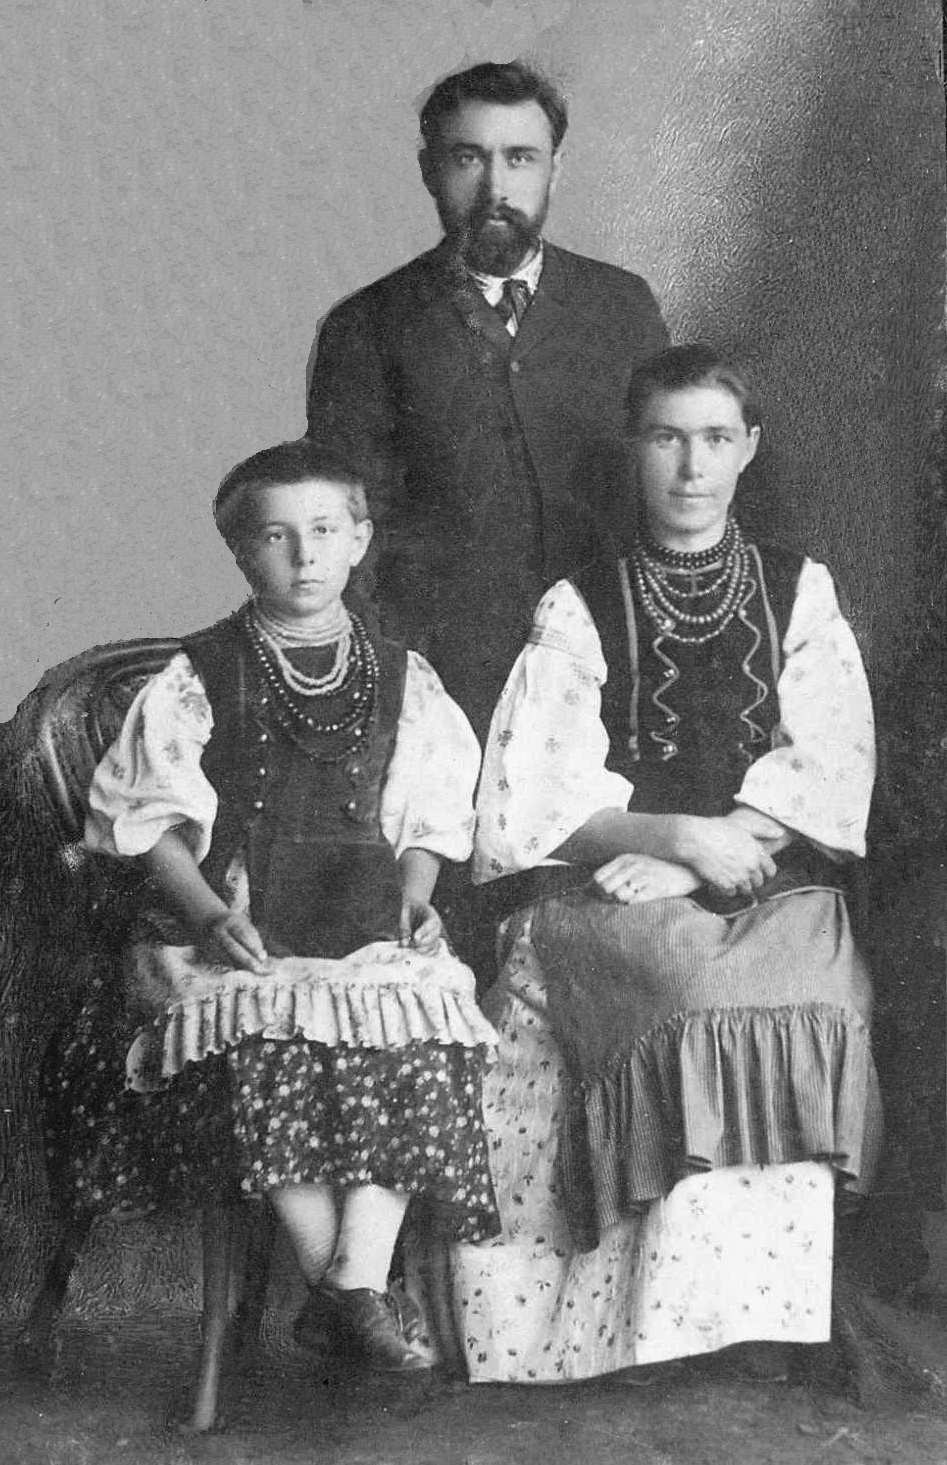 10-родина завідувачавідділом народної освіти Чернігівської губернії Бориса Дмитровича Грінченка, 1887 р.